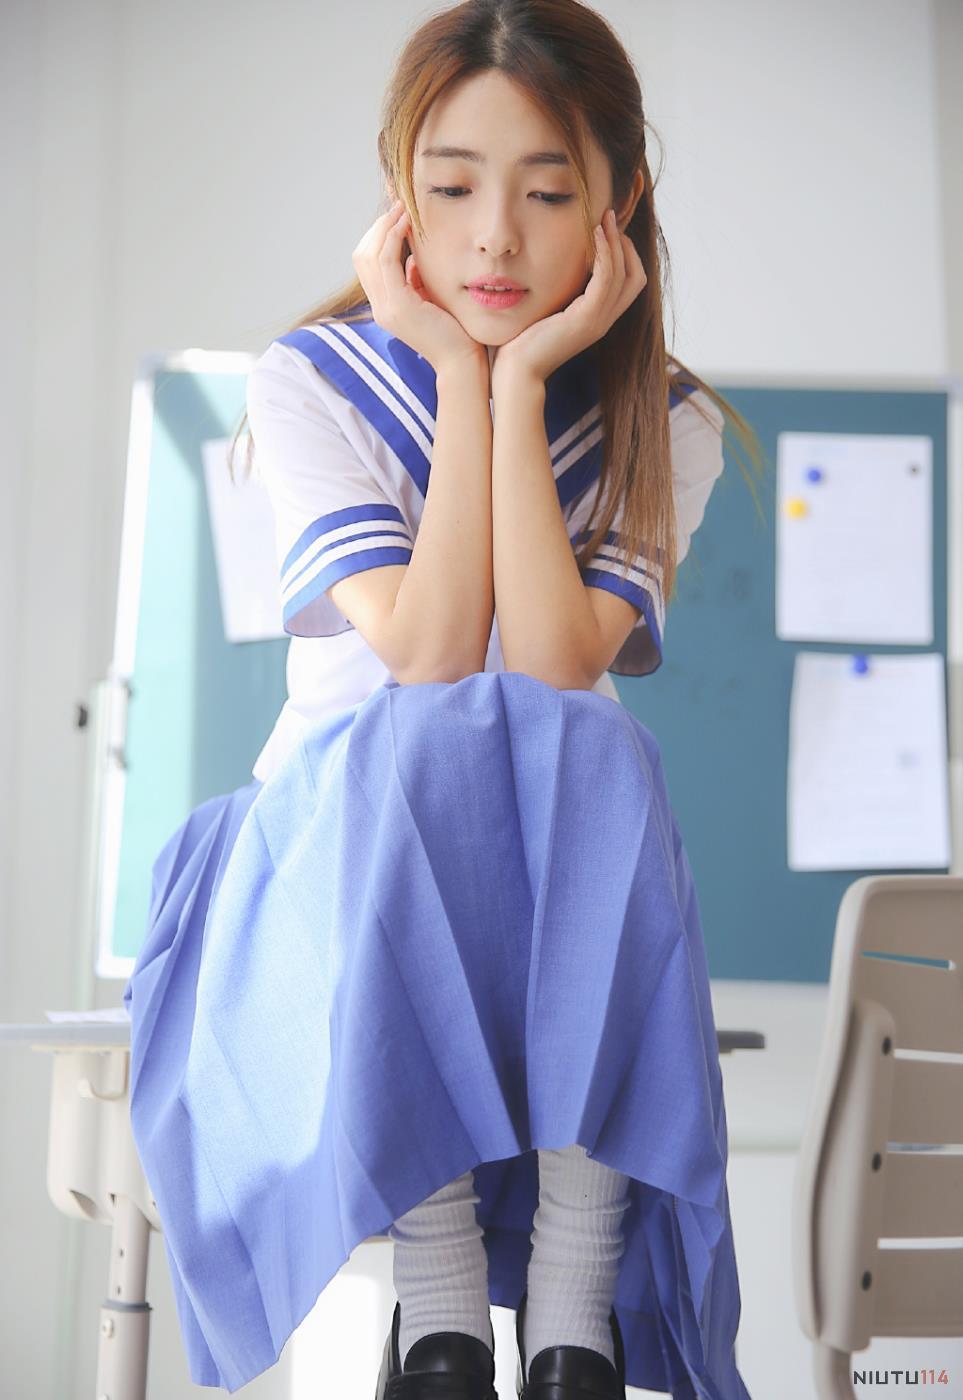 JK制服校花美女小姐姐教室清纯美拍写真图片